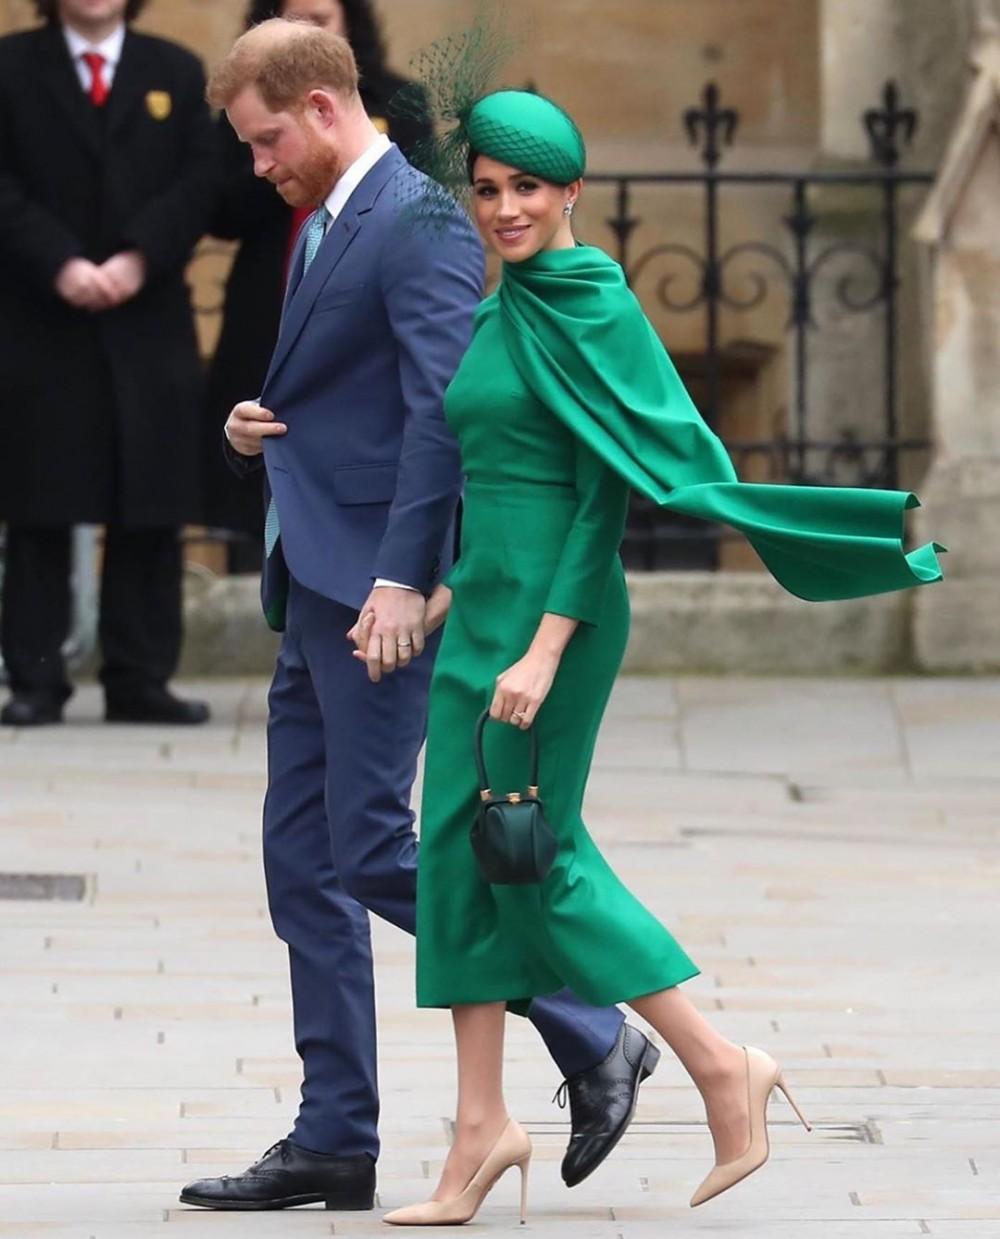 哈里王子與梅根出席的「國協慶典」與英女皇、威廉王子夫婦等皇室成員同場